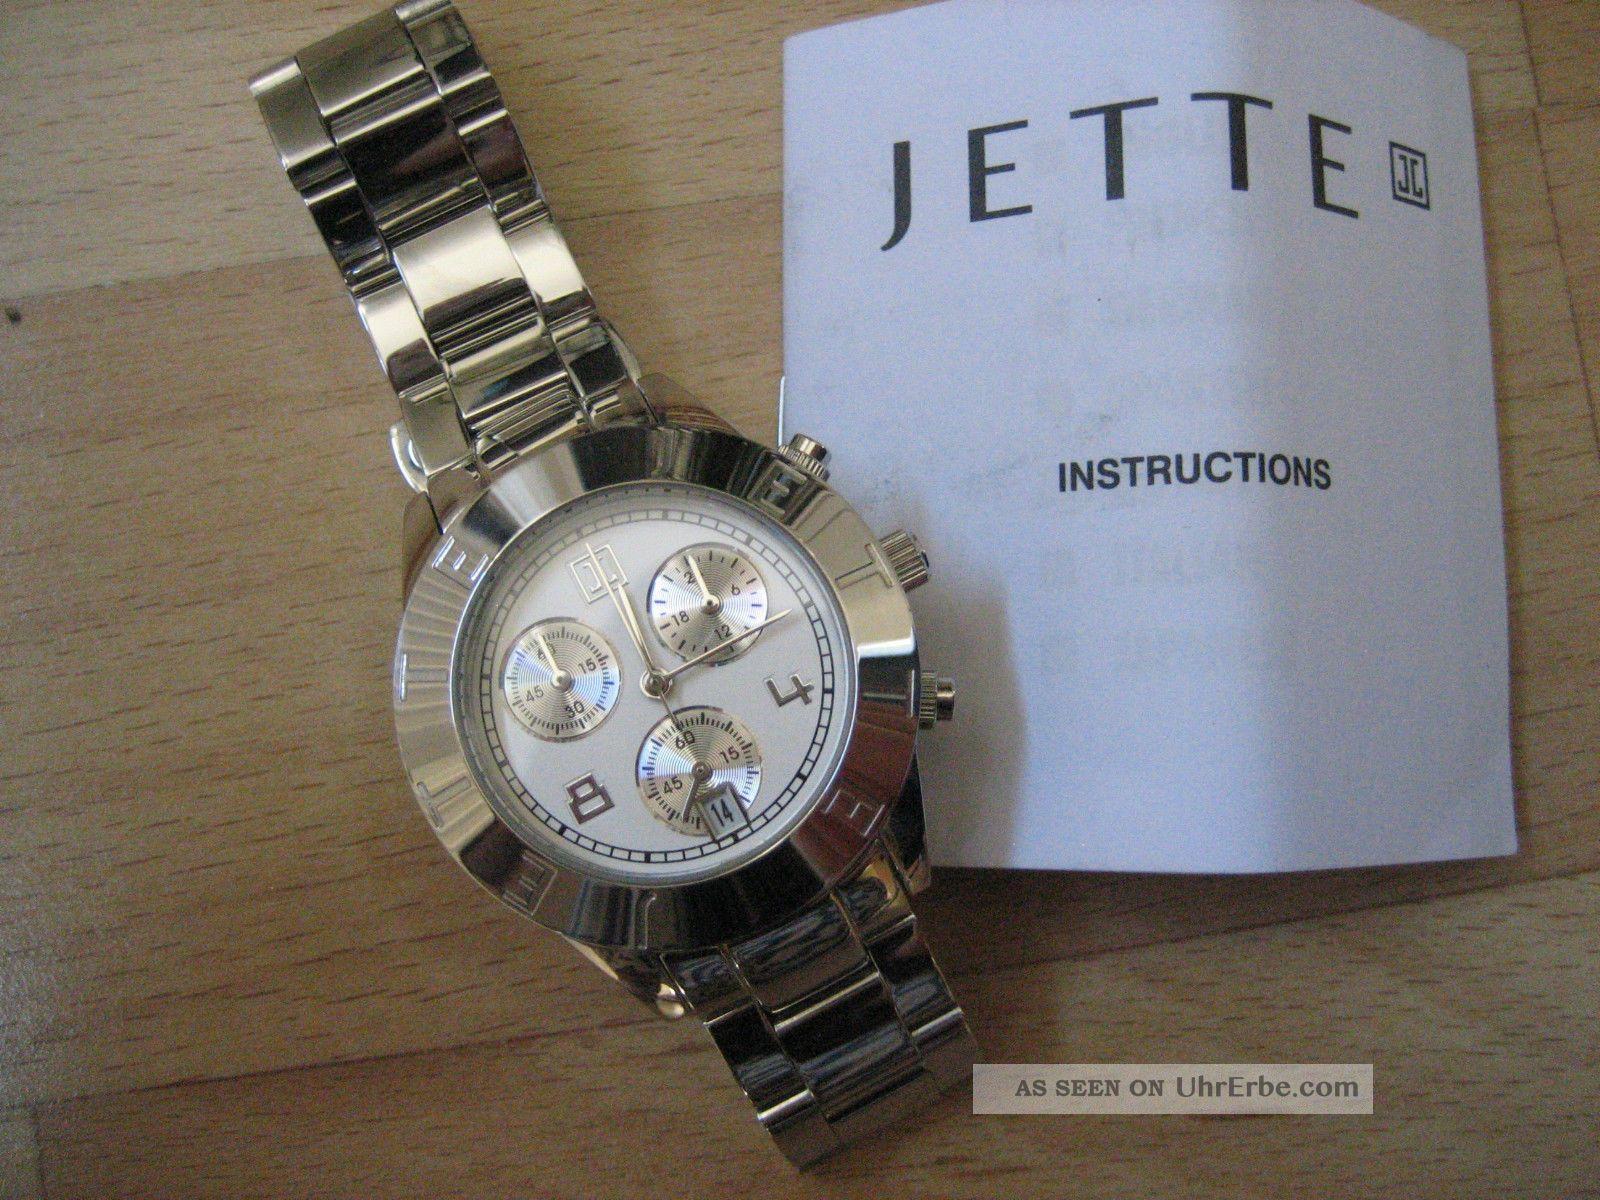 damen armbanduhr chronograph uhr jette joop edelstahl. Black Bedroom Furniture Sets. Home Design Ideas